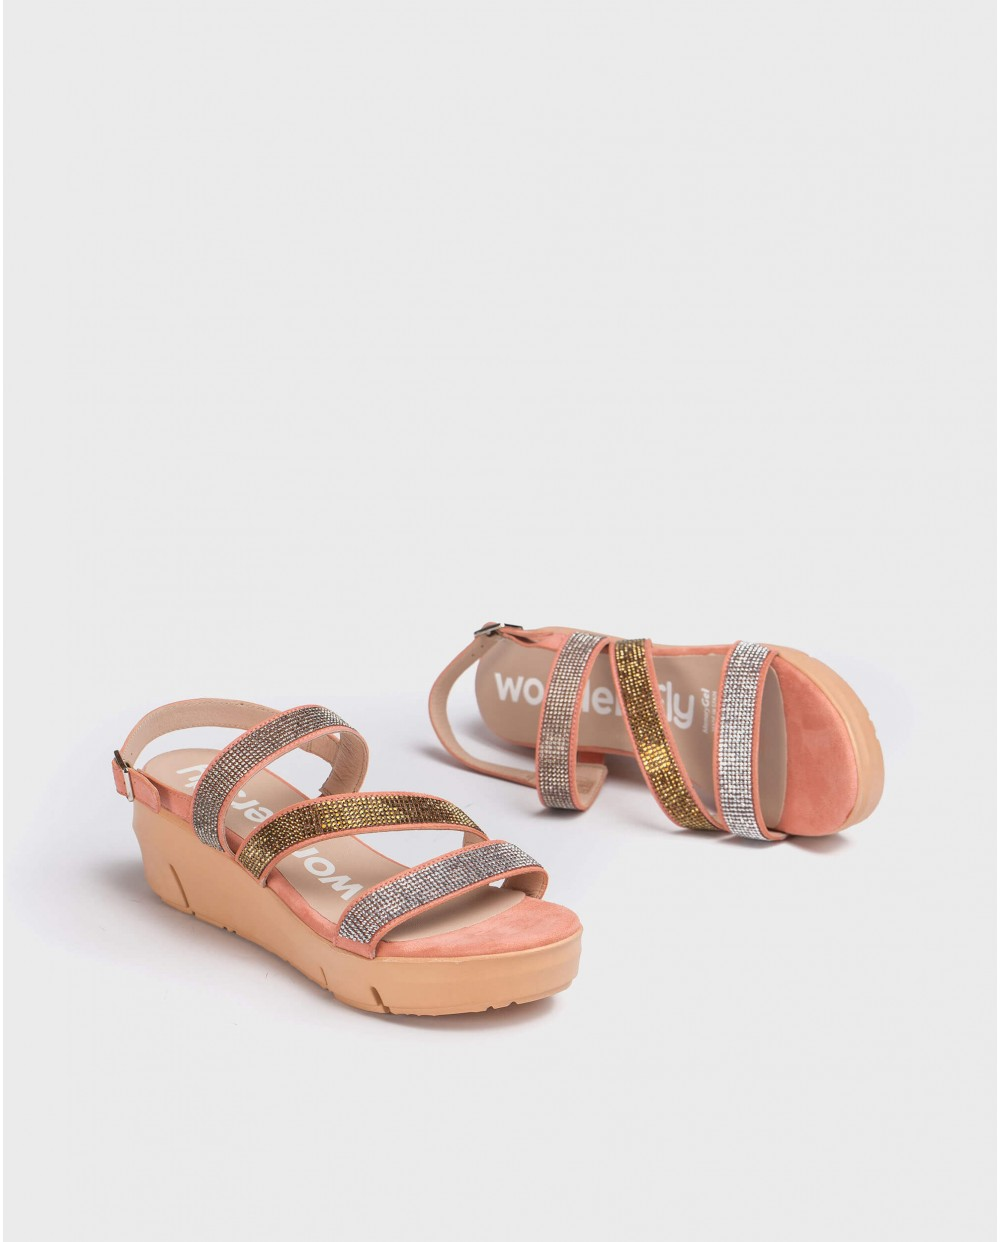 Wedge Rhinestone sandal